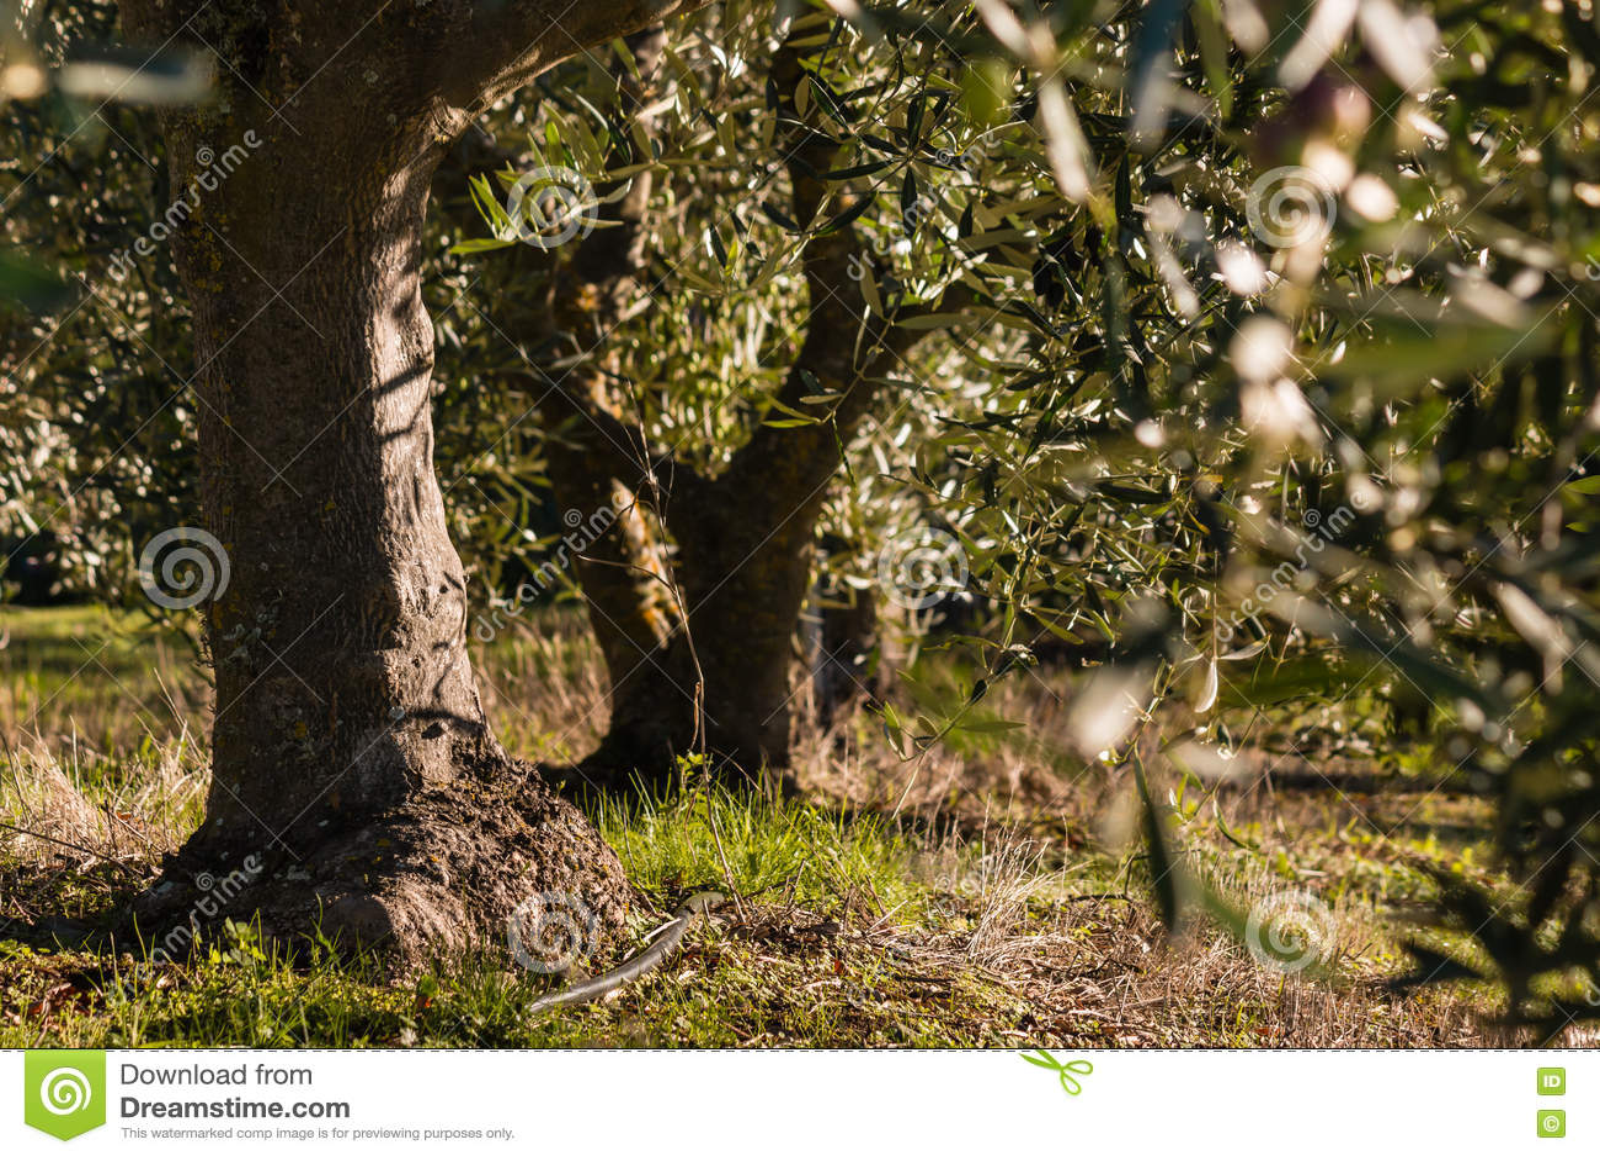 Vecchi di olivo in oliveto fotografia stock immagine for Acquisto piante olivo